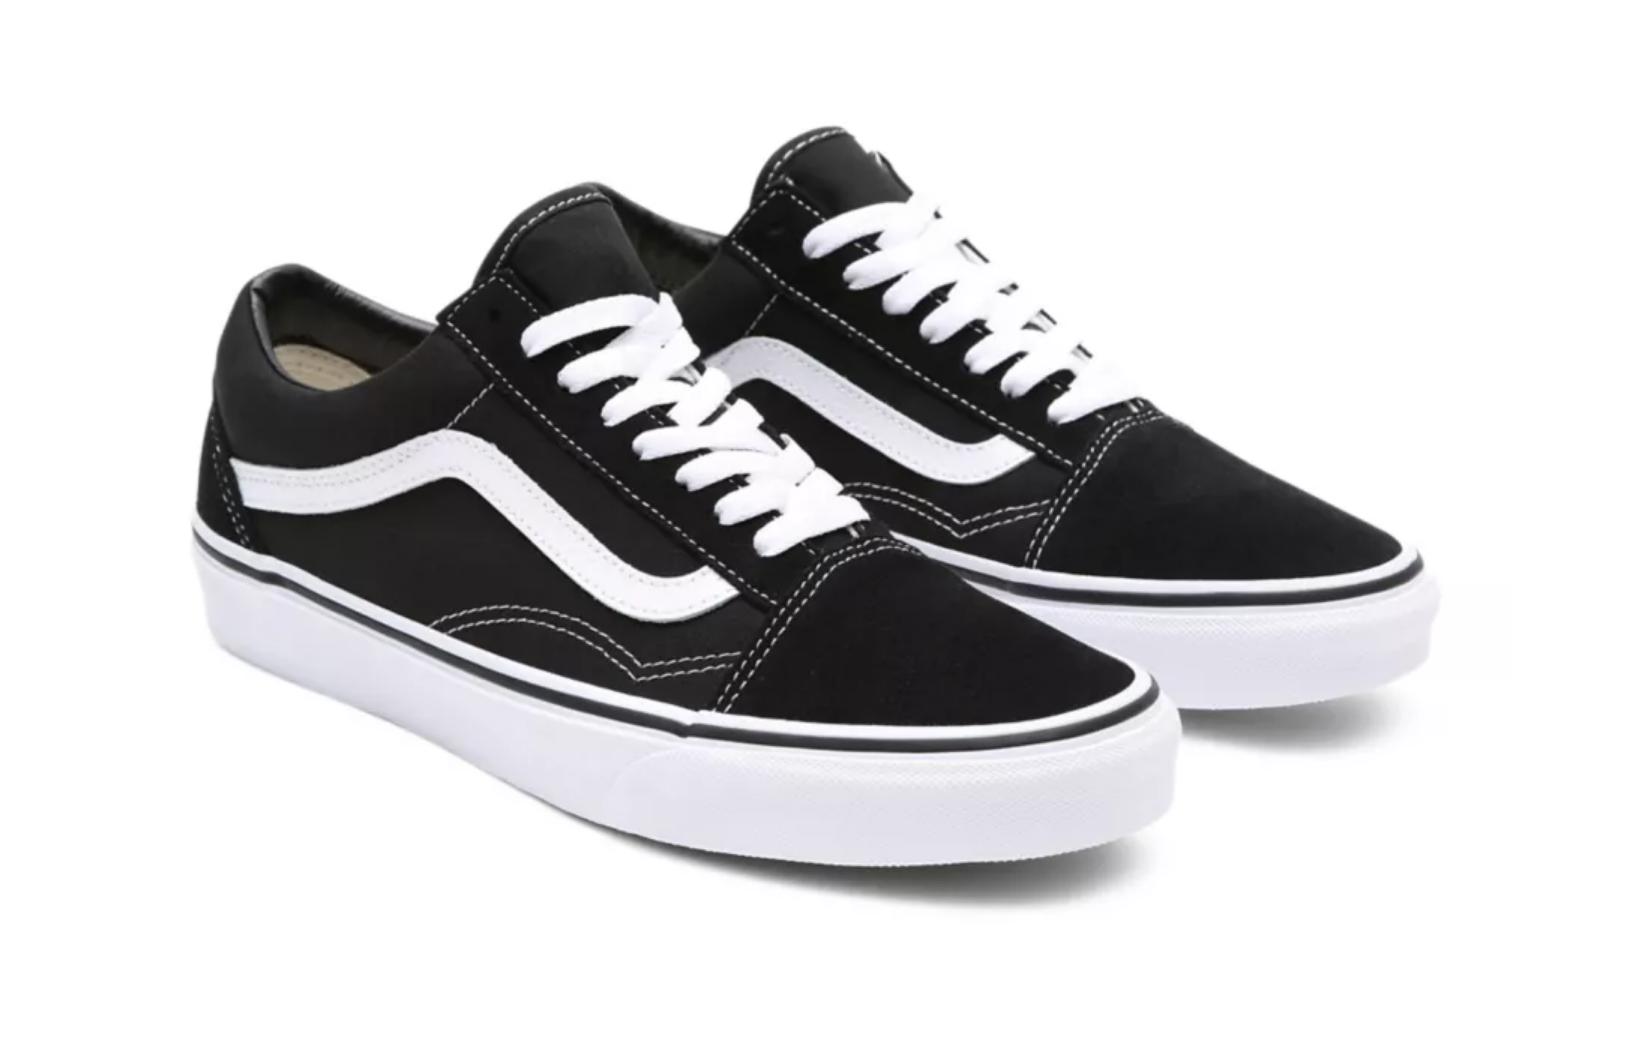 Vans Old Skool, Shoes